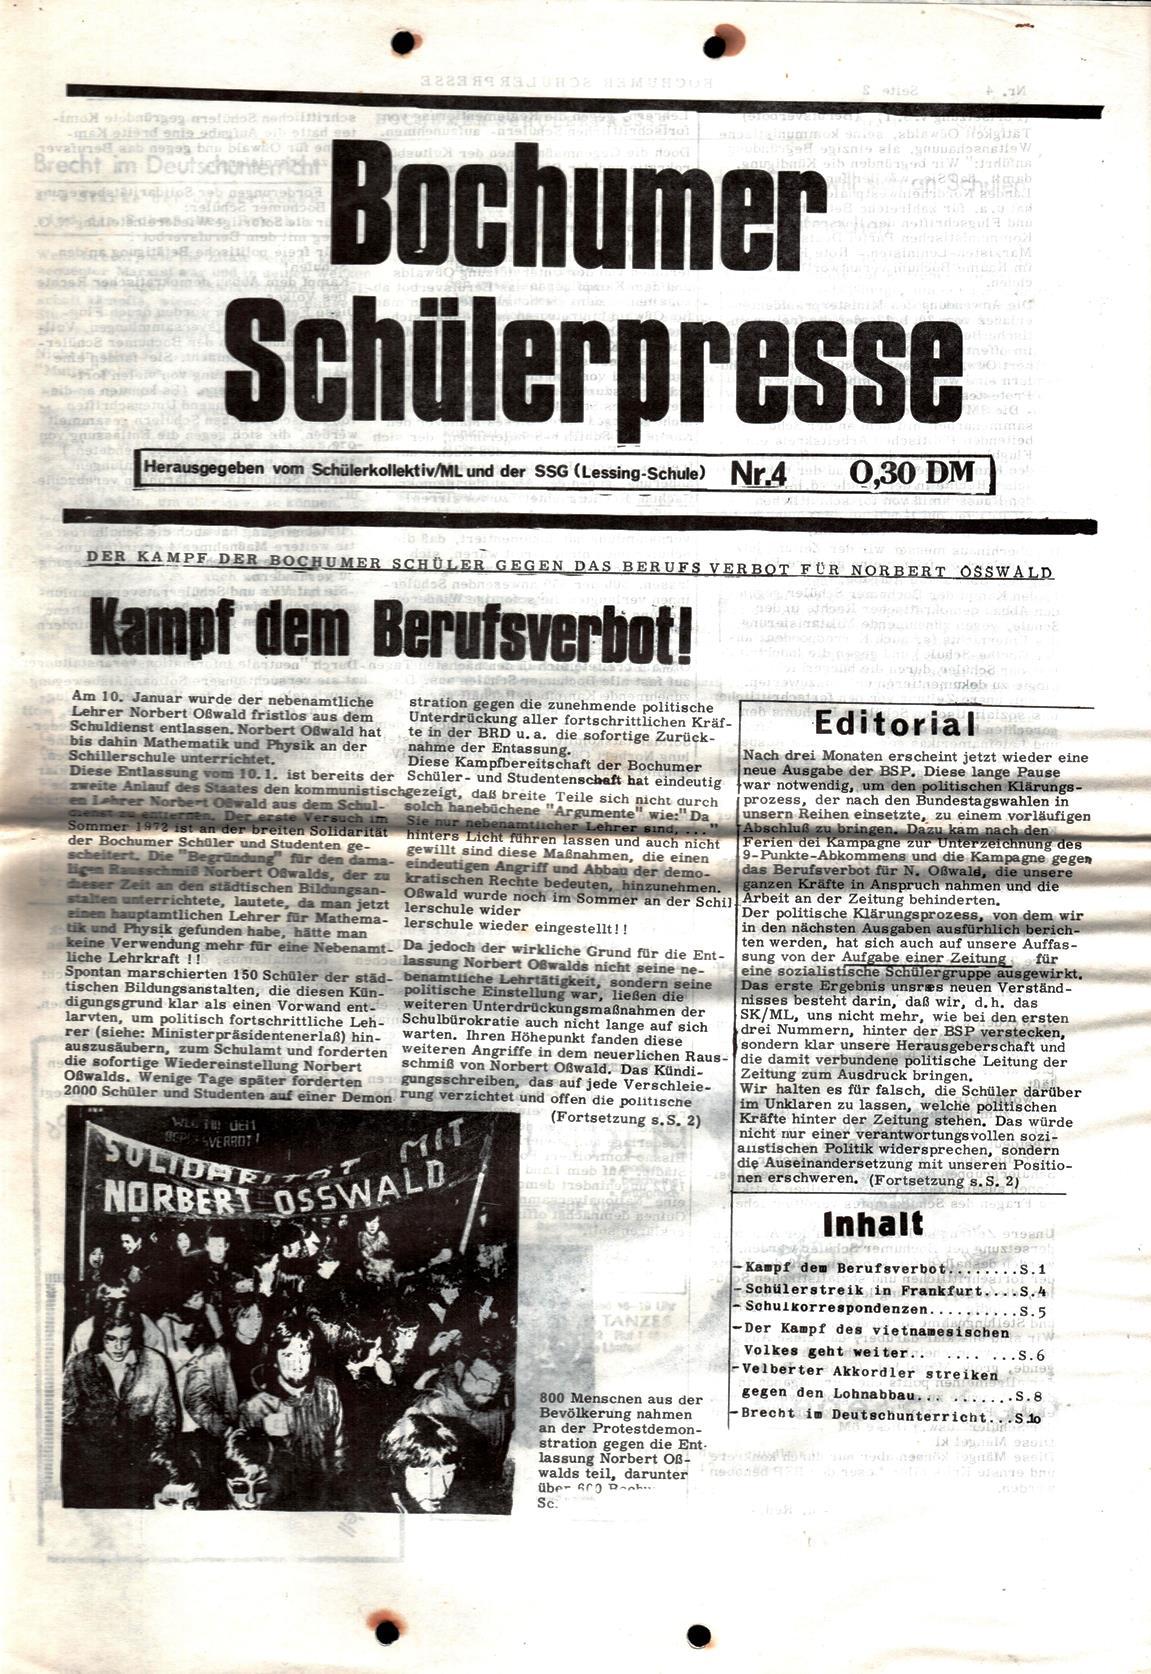 Bochumer_Schuelerpresse_19730200_001